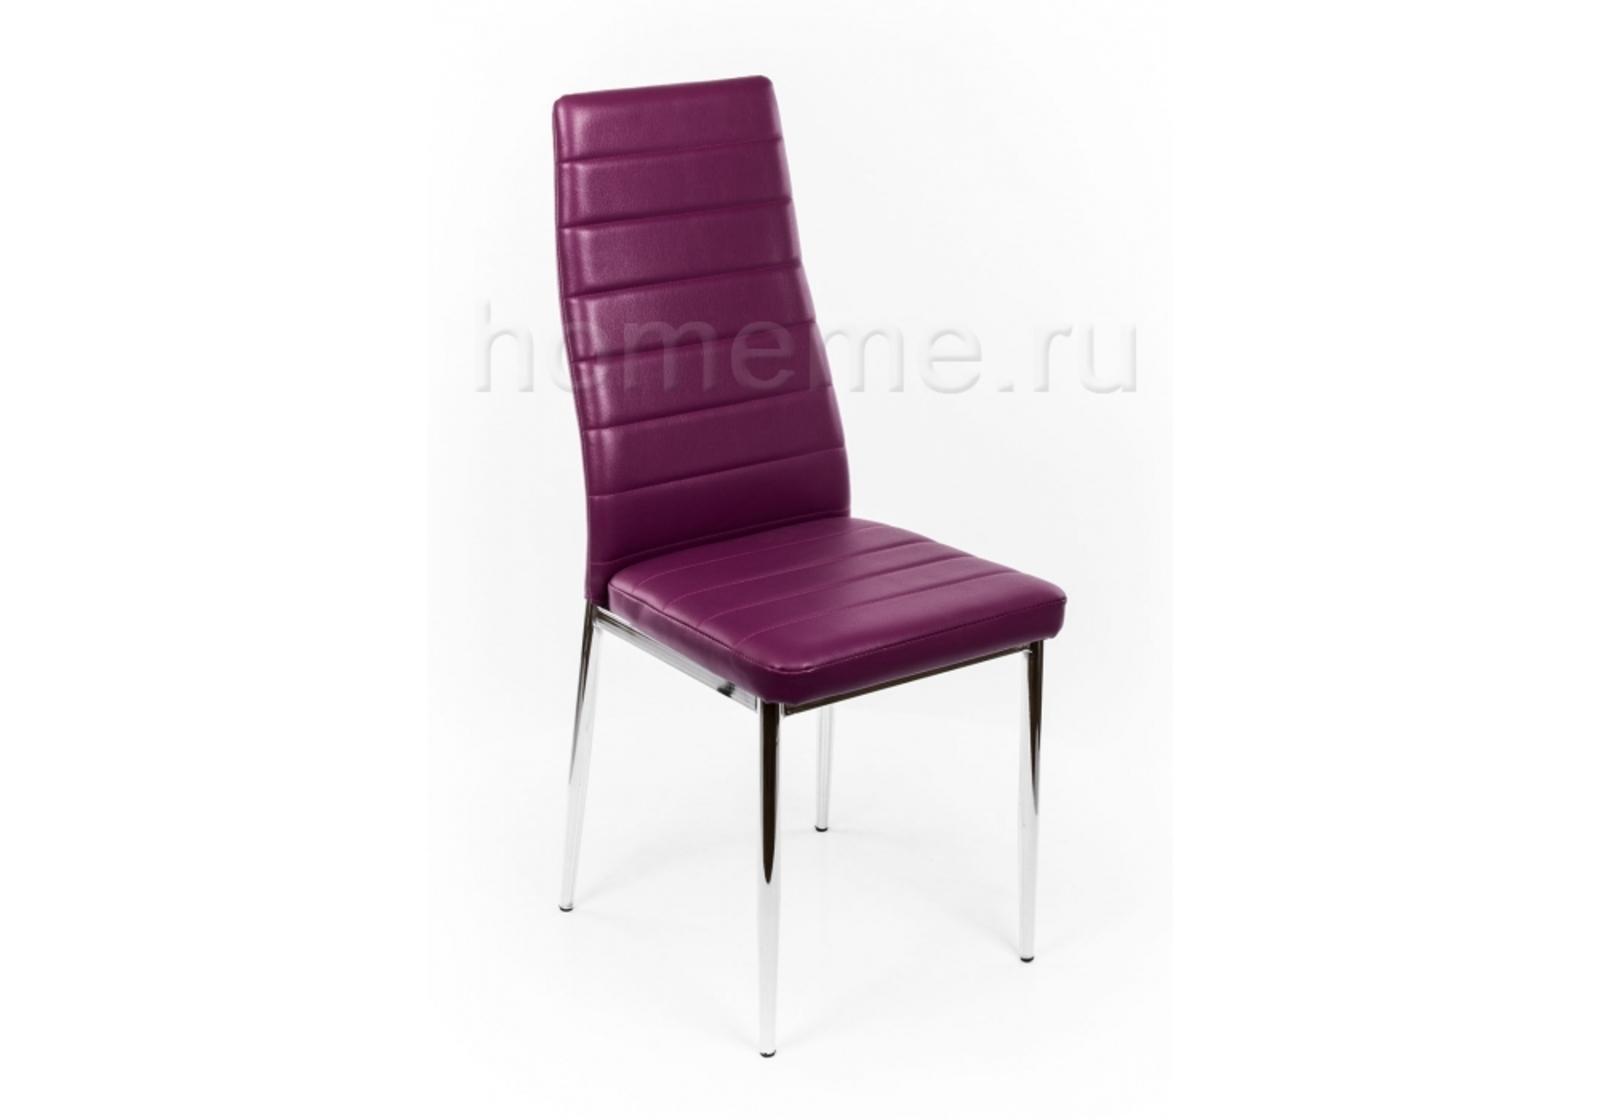 Стул HomeMe DC-001 фиолетовый 1188 от Homeme.ru